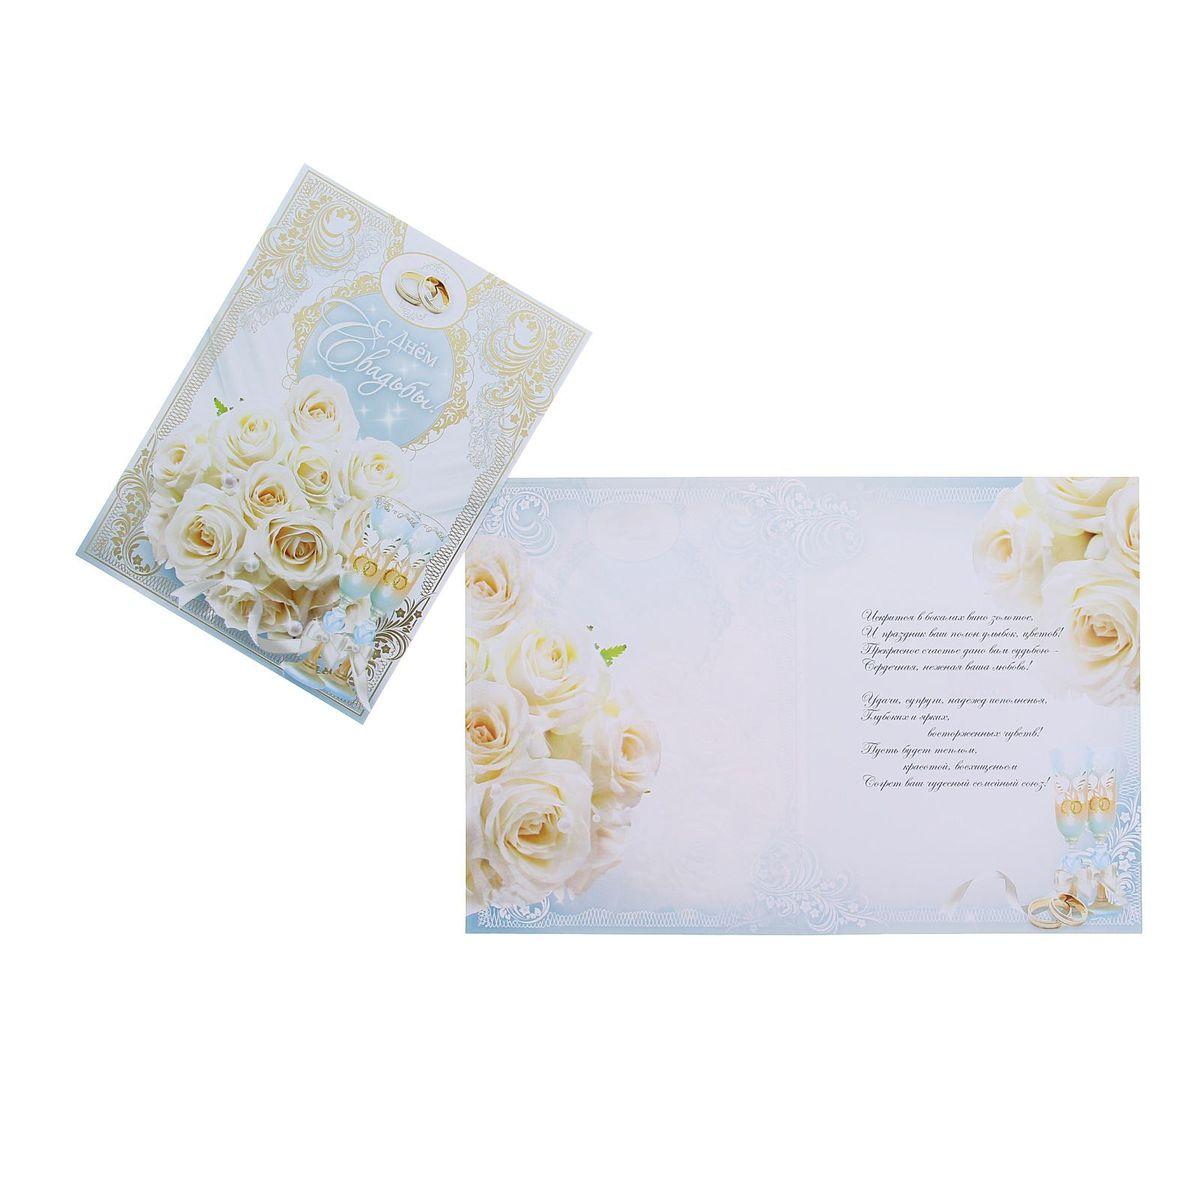 Открытка Атмосфера праздника С днем свадьбы! Белые цветы1132052Если вы хотите порадовать себя или близких, создатьпраздничное настроение и с улыбкой провести памятный день,то вы, несомненно, сделали правильный выбор! ОткрыткаАтмосфера праздника С днем свадьбы! Белые цветы, выполненная изплотной бумаги, отличается не только оригинальнымдизайном, но и высоким качеством. Лицевая сторона изделия оформлена ярким изображением. Внутри открыткасодержит текст споздравлением. Такая открытка непременно порадует получателя и станетотличным напоминанием о проведенном вместе времени.